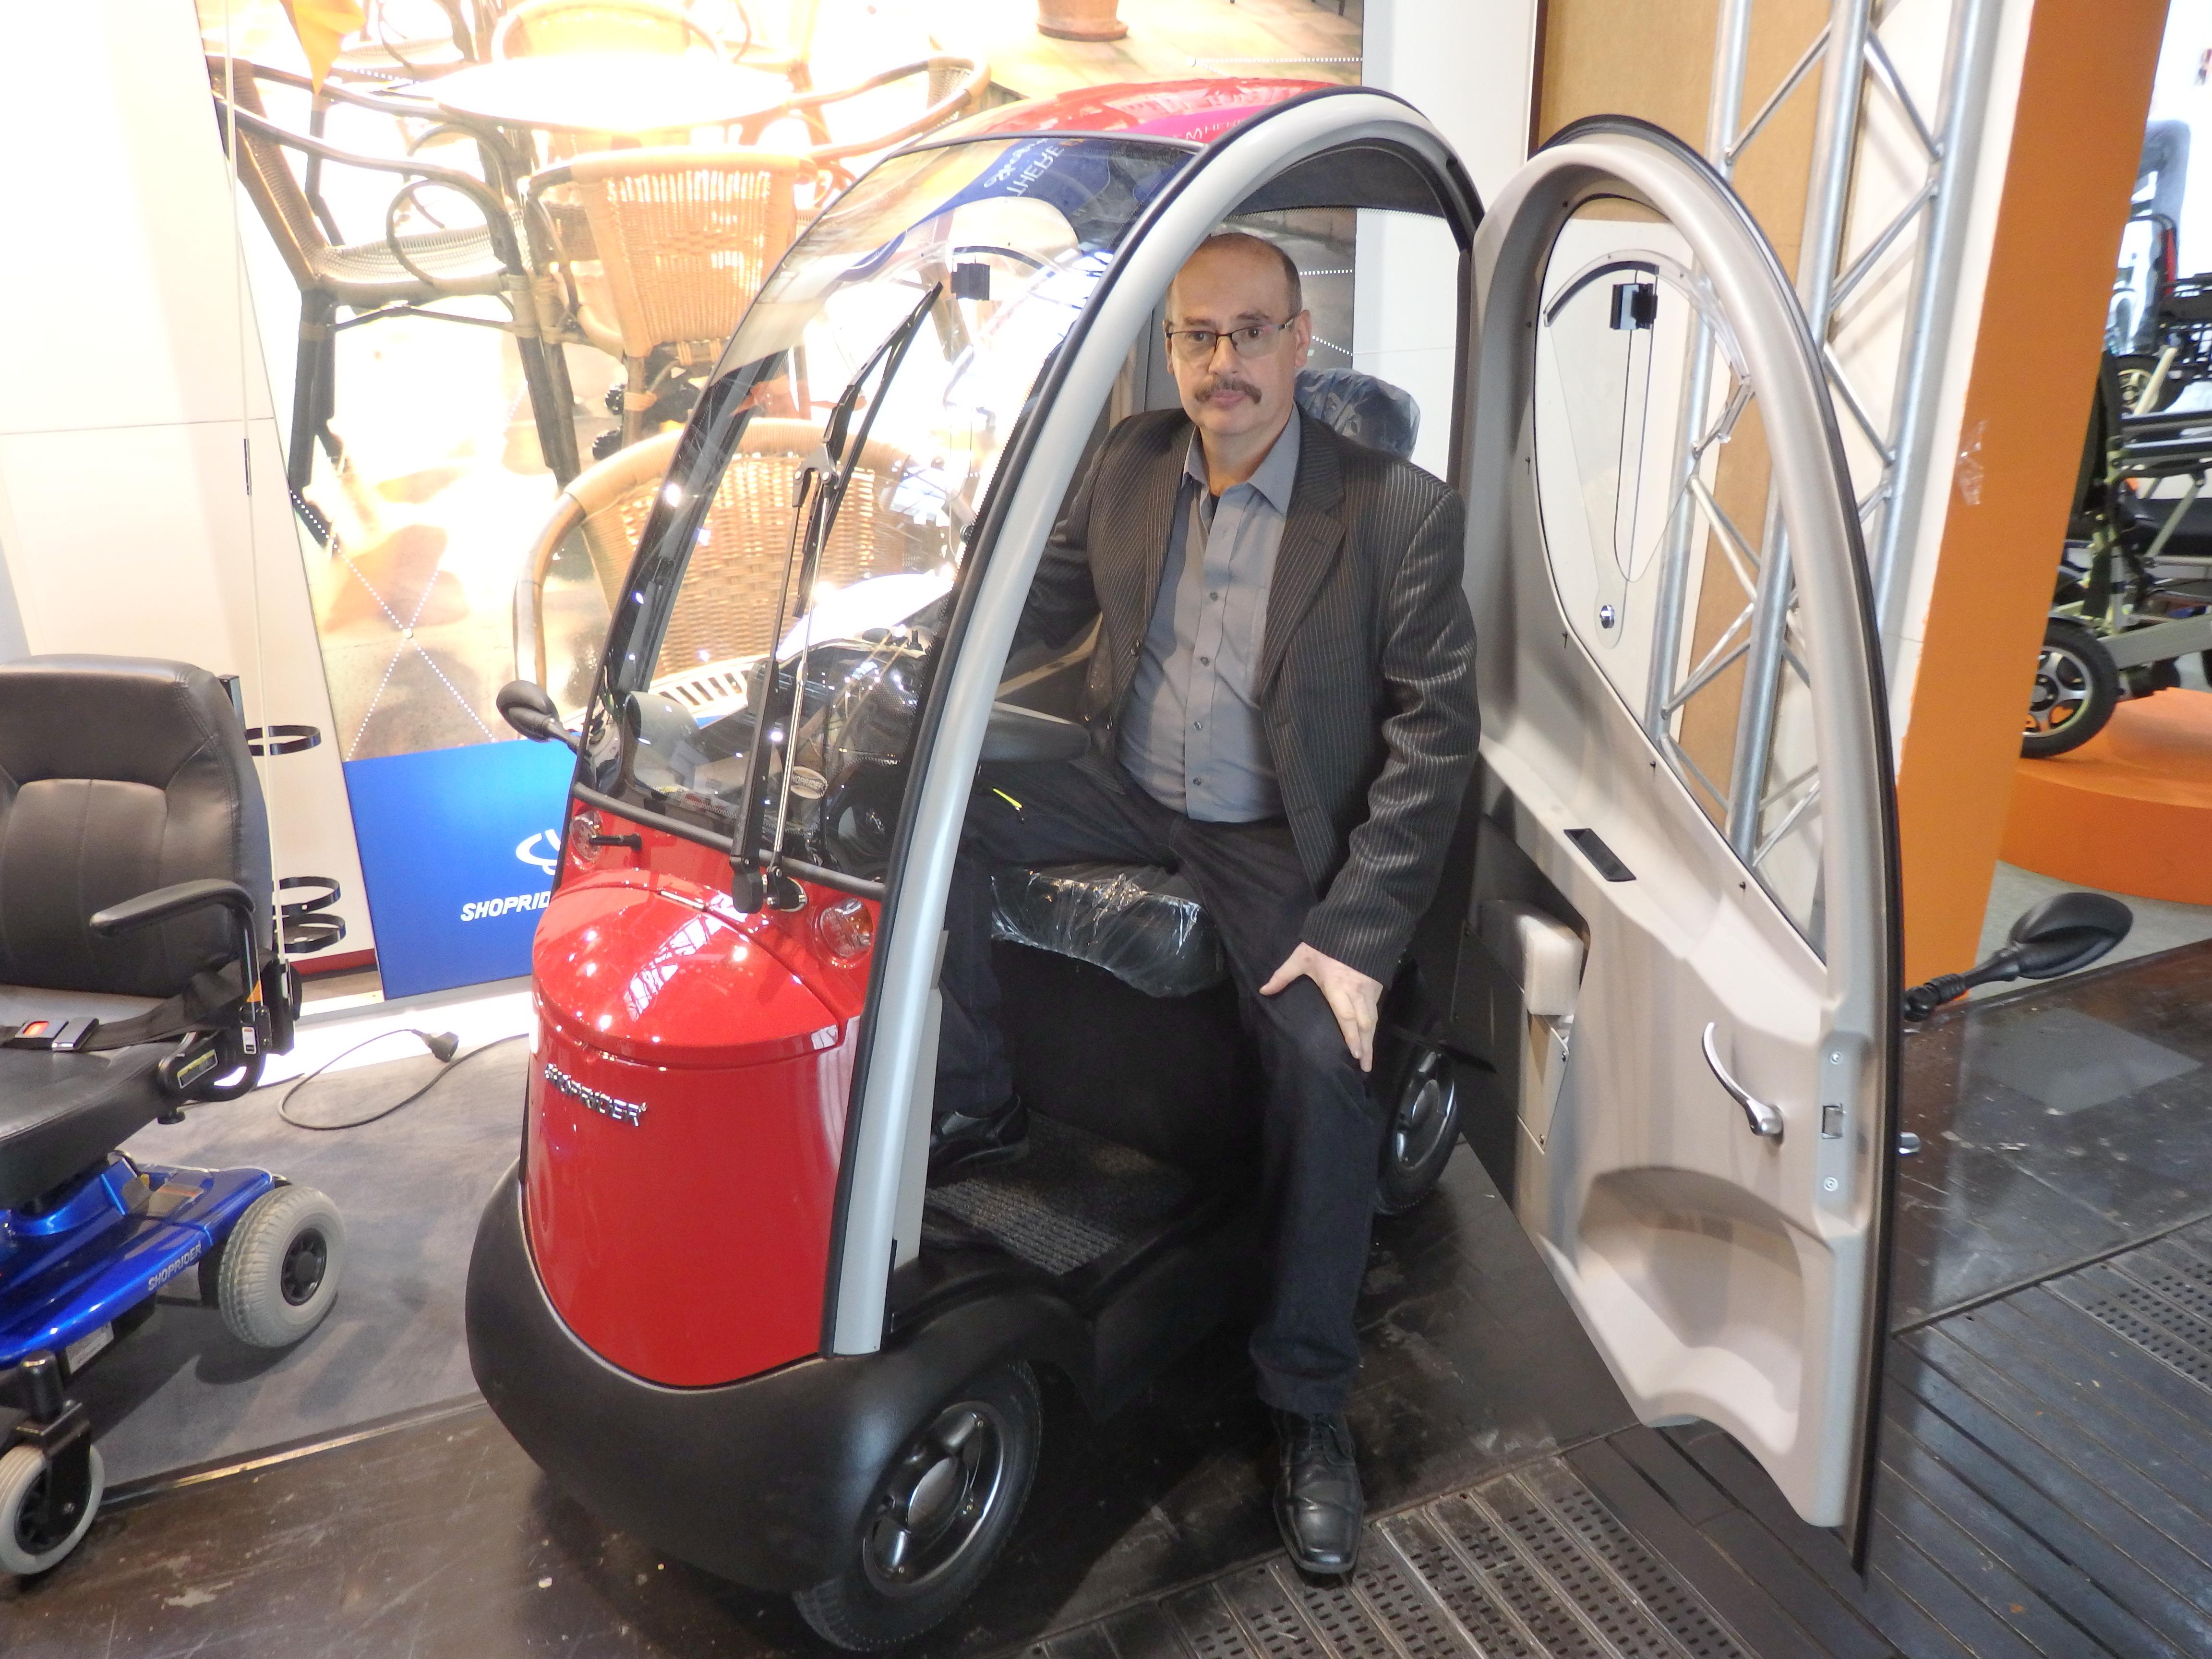 Osobné elektrické auto - Shoprider